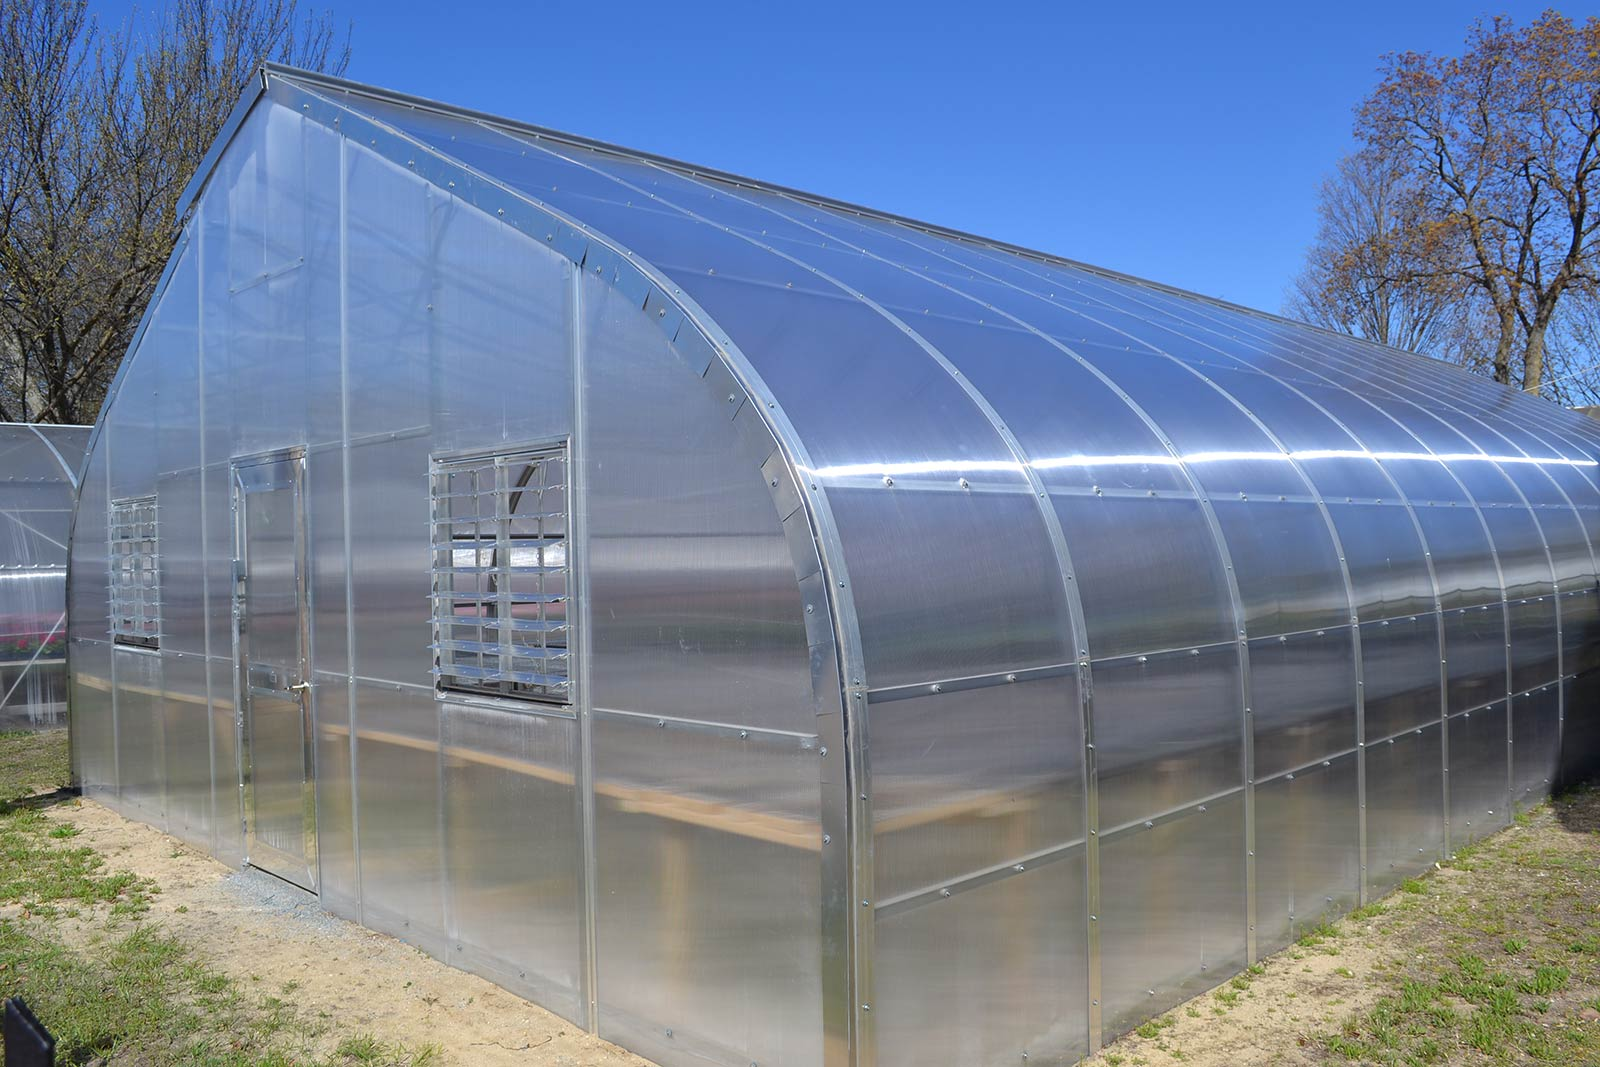 tấm polycarbonate làm nhà kính nông nghiệp